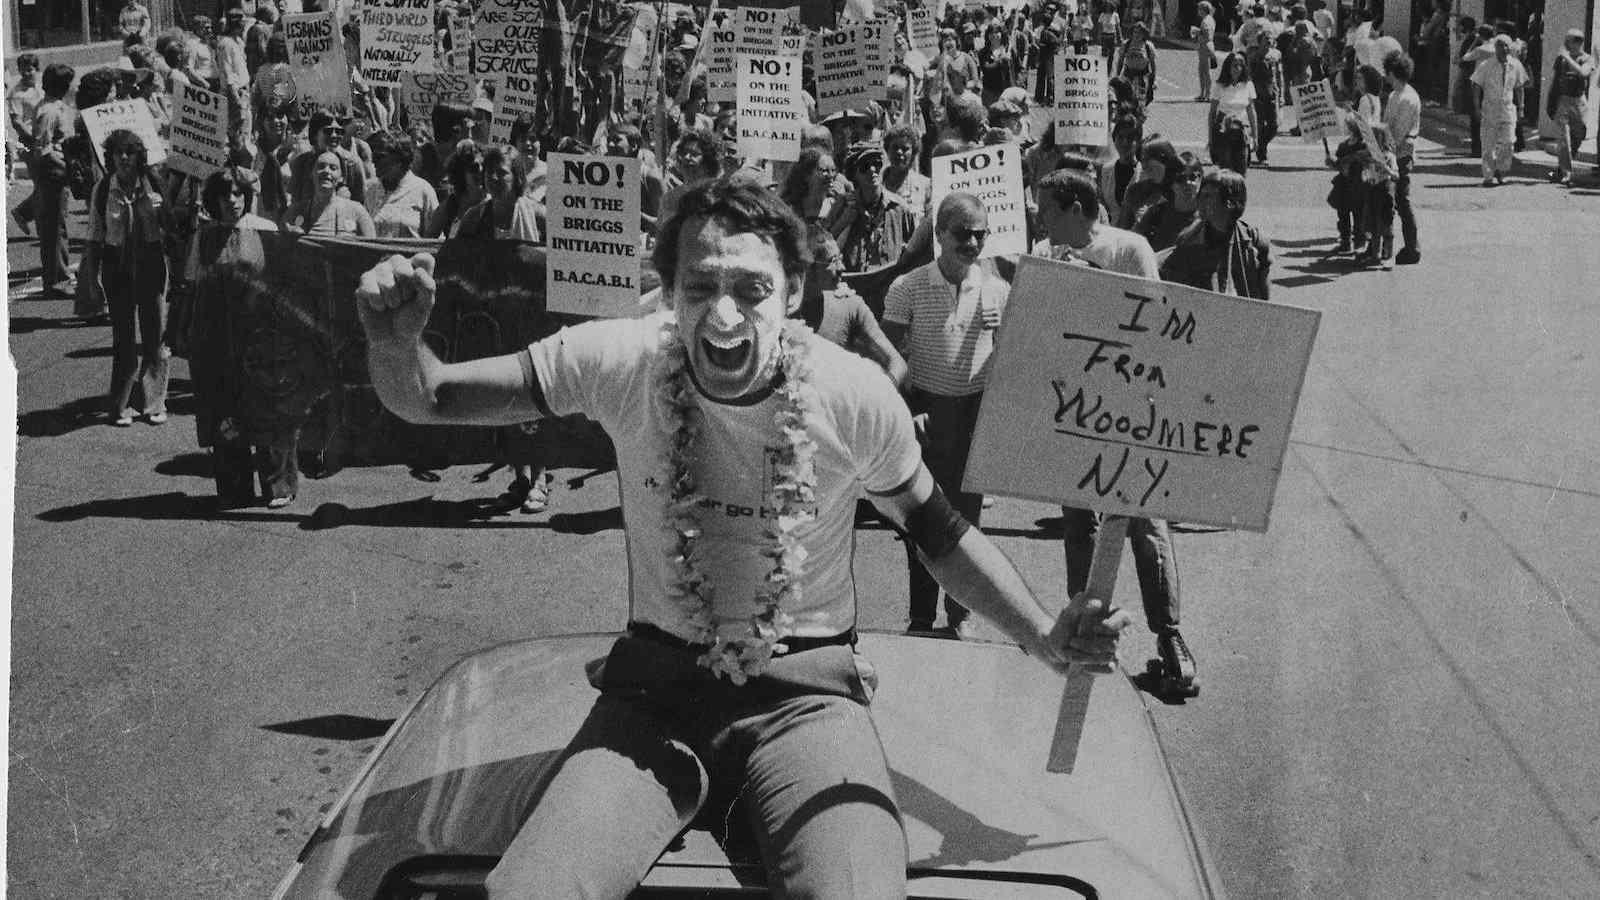 Harvey Milk foi um político gay que fez muito para ajudar os direitos dos homossexuais na política dos EUA